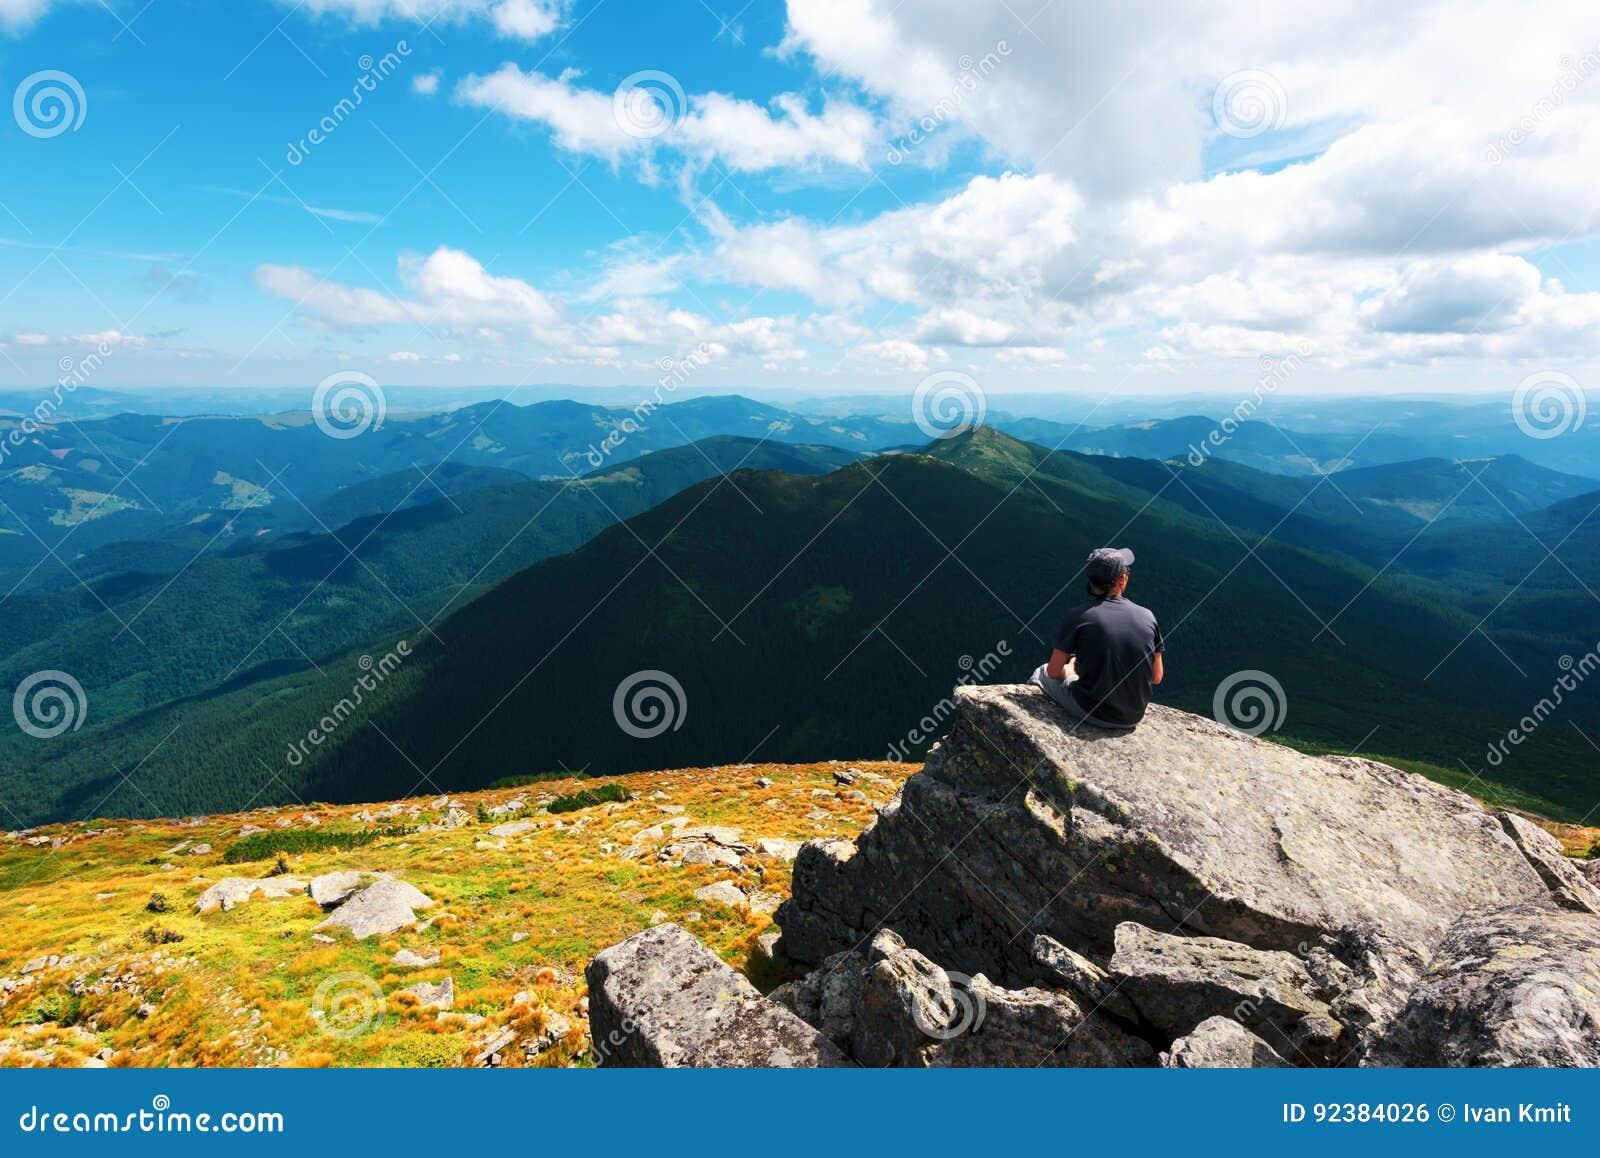 Un turista solitario que se sienta al borde del acantilado